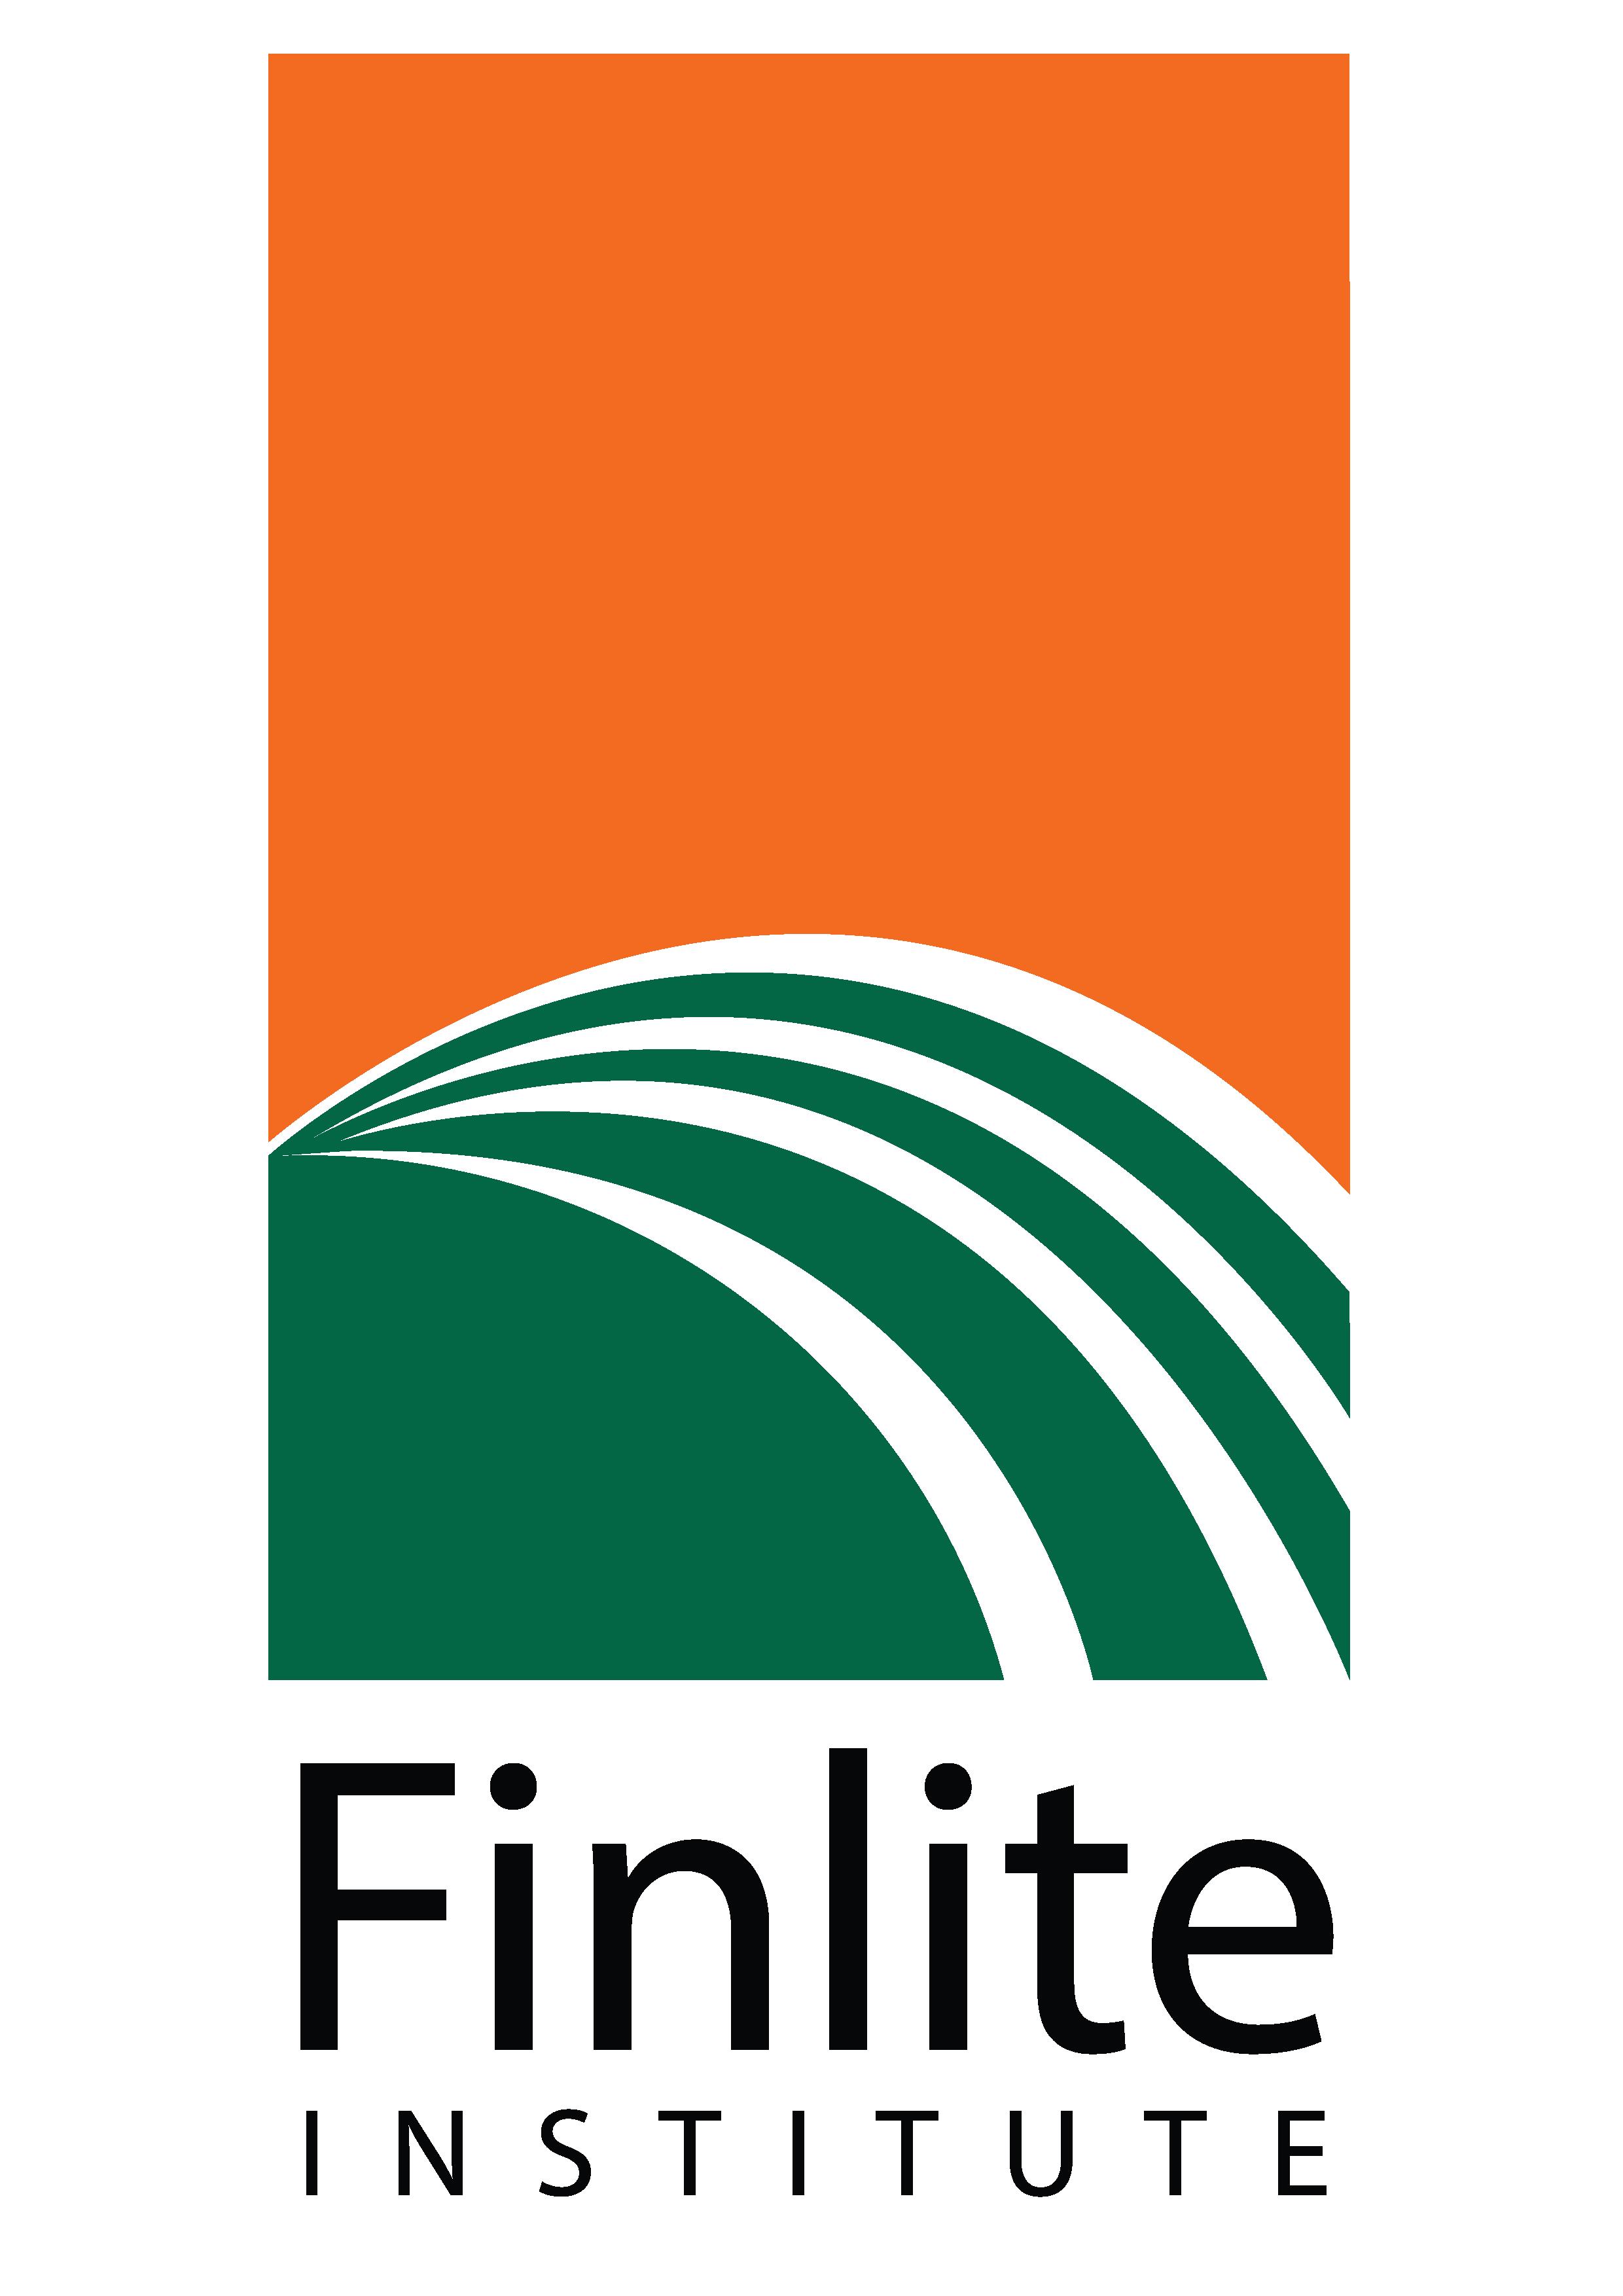 The Finlite Institute